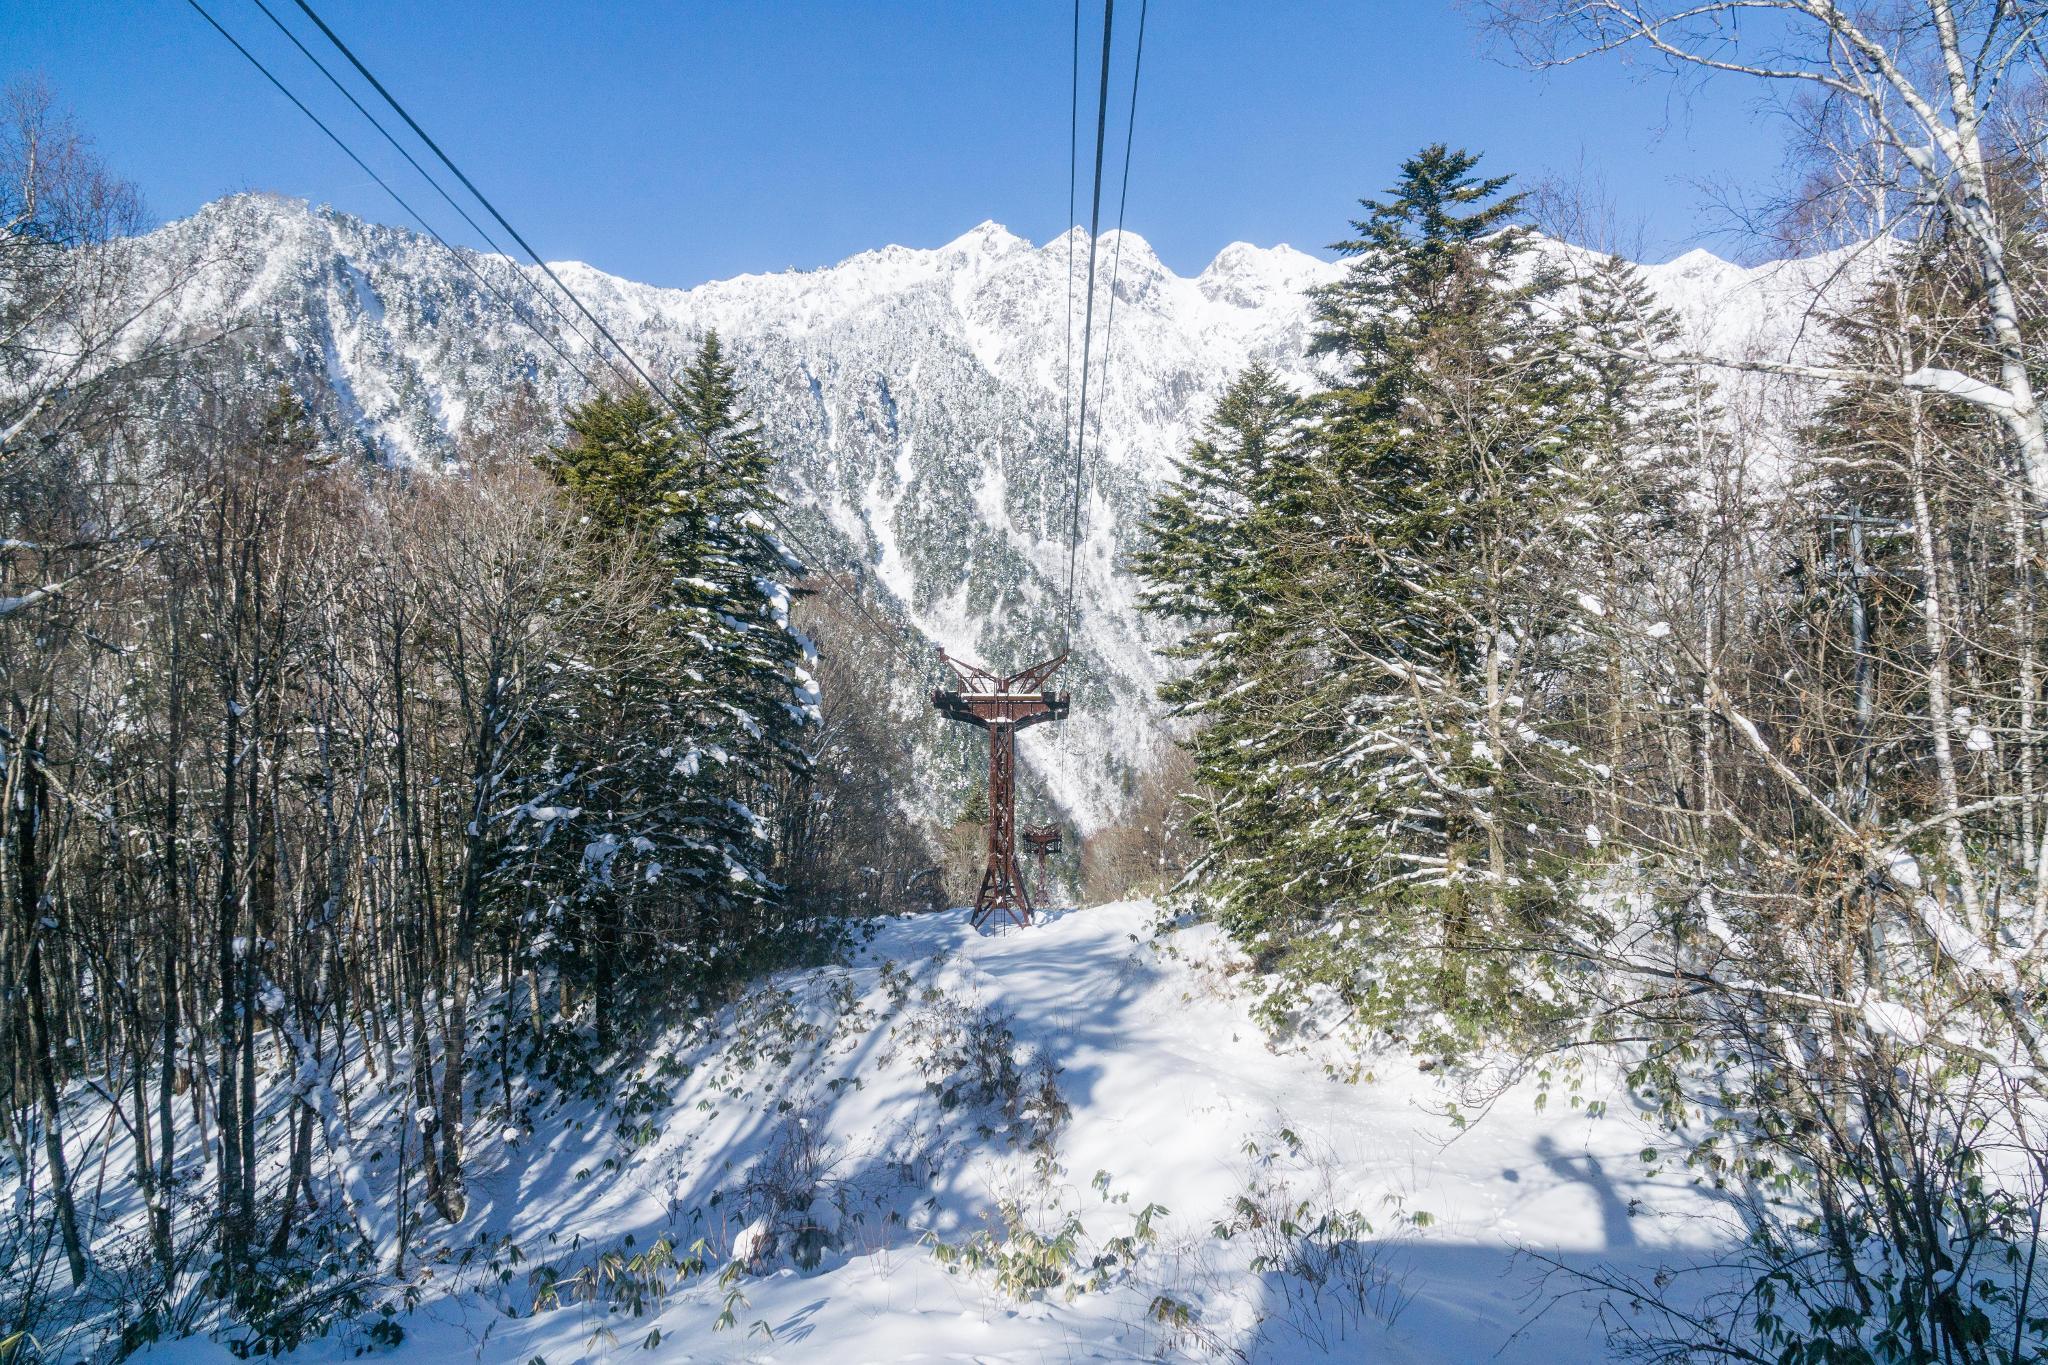 【岐阜】超級推薦!奧飛驒溫泉鄉的冬季戀歌 ~ 新穗高纜車雪景攻略 95